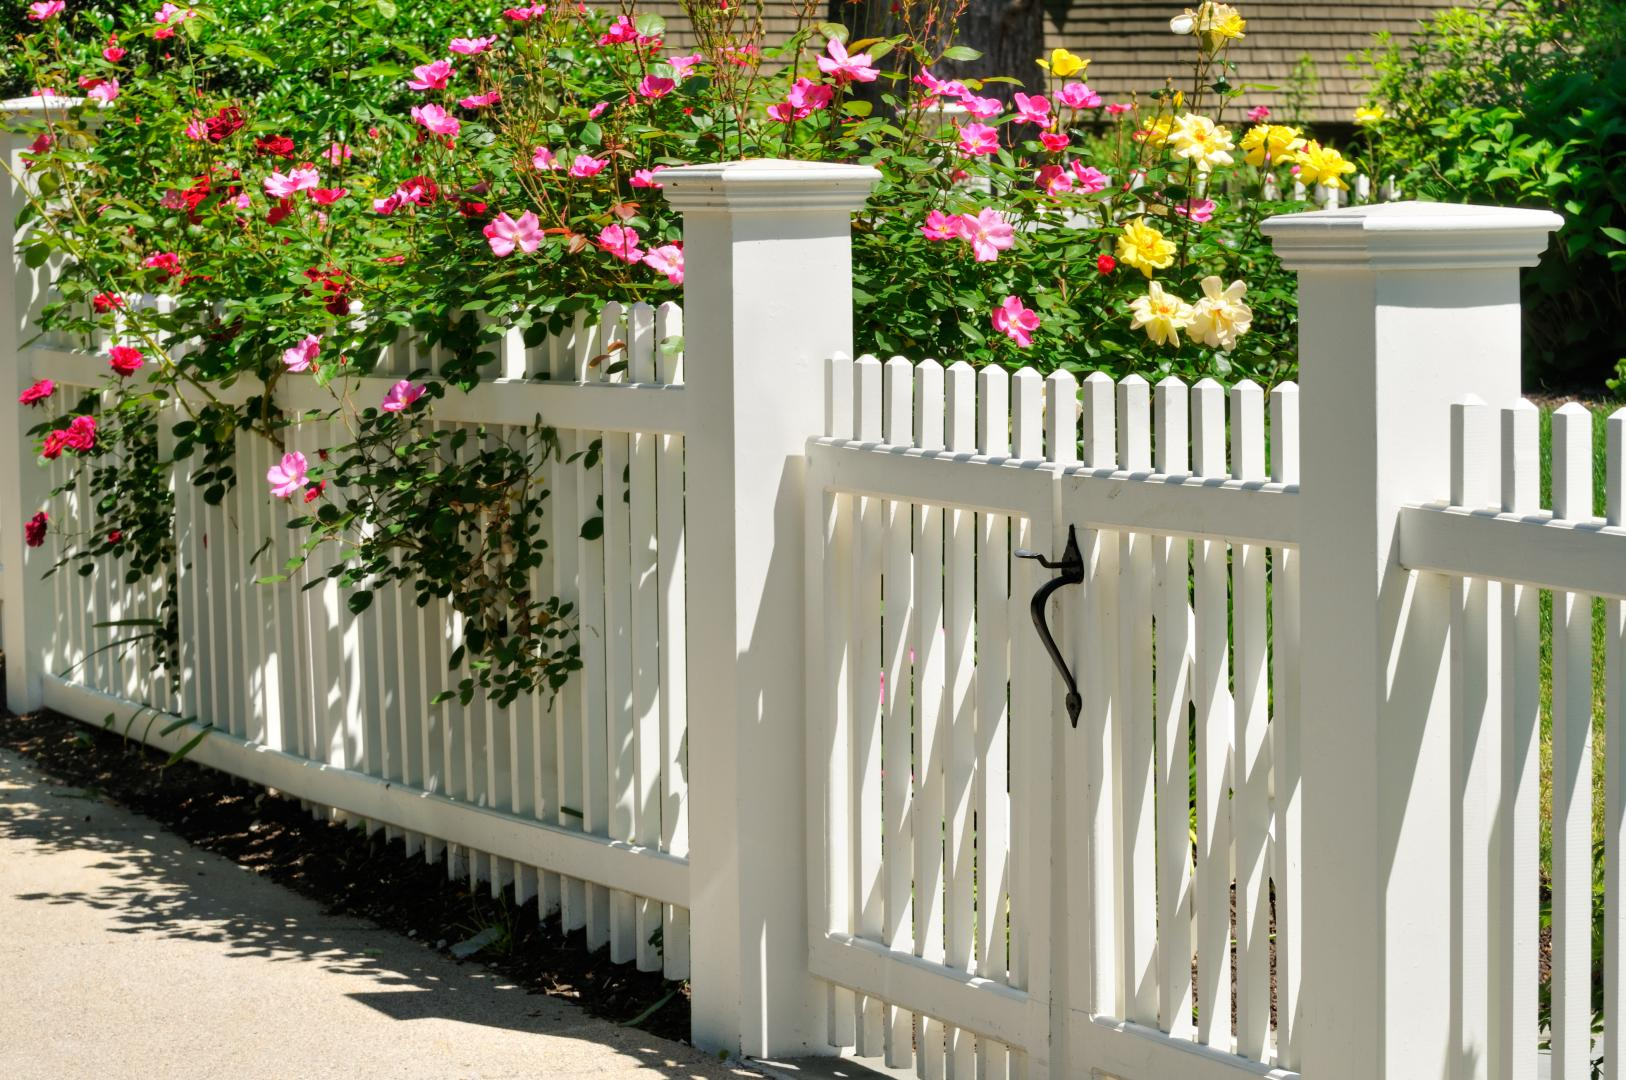 Jardins Et Clotures D Armor portails et clôtures la bouillie, lamballe, pléneuf-val